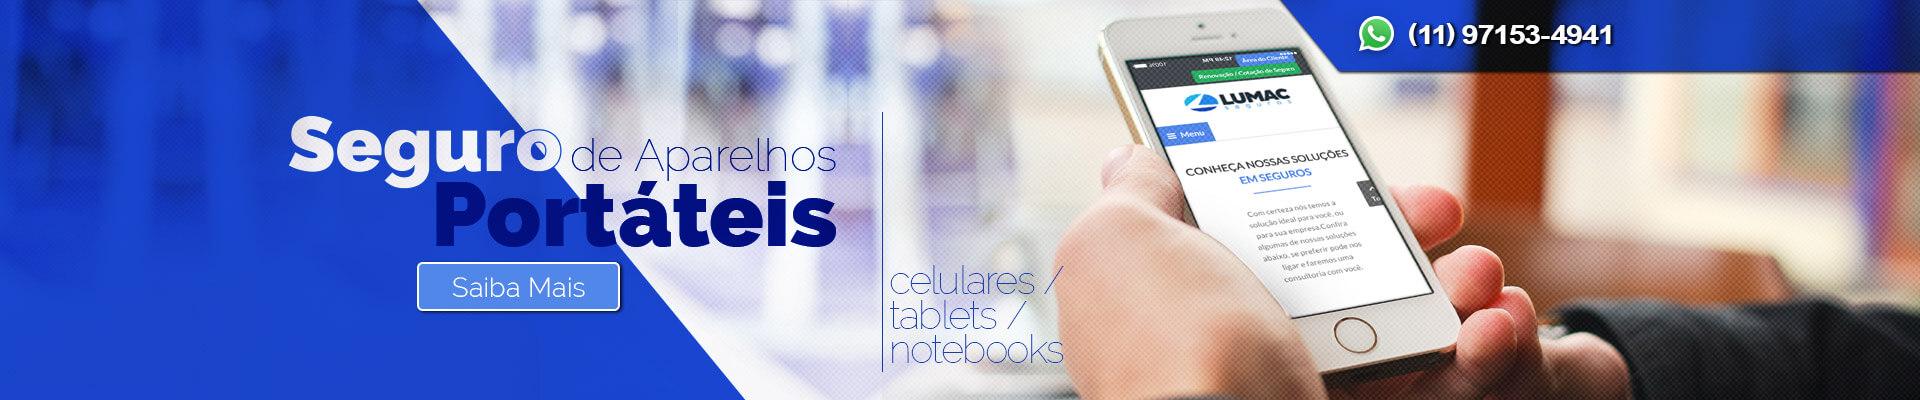 w-slide-aparelhos-portateis